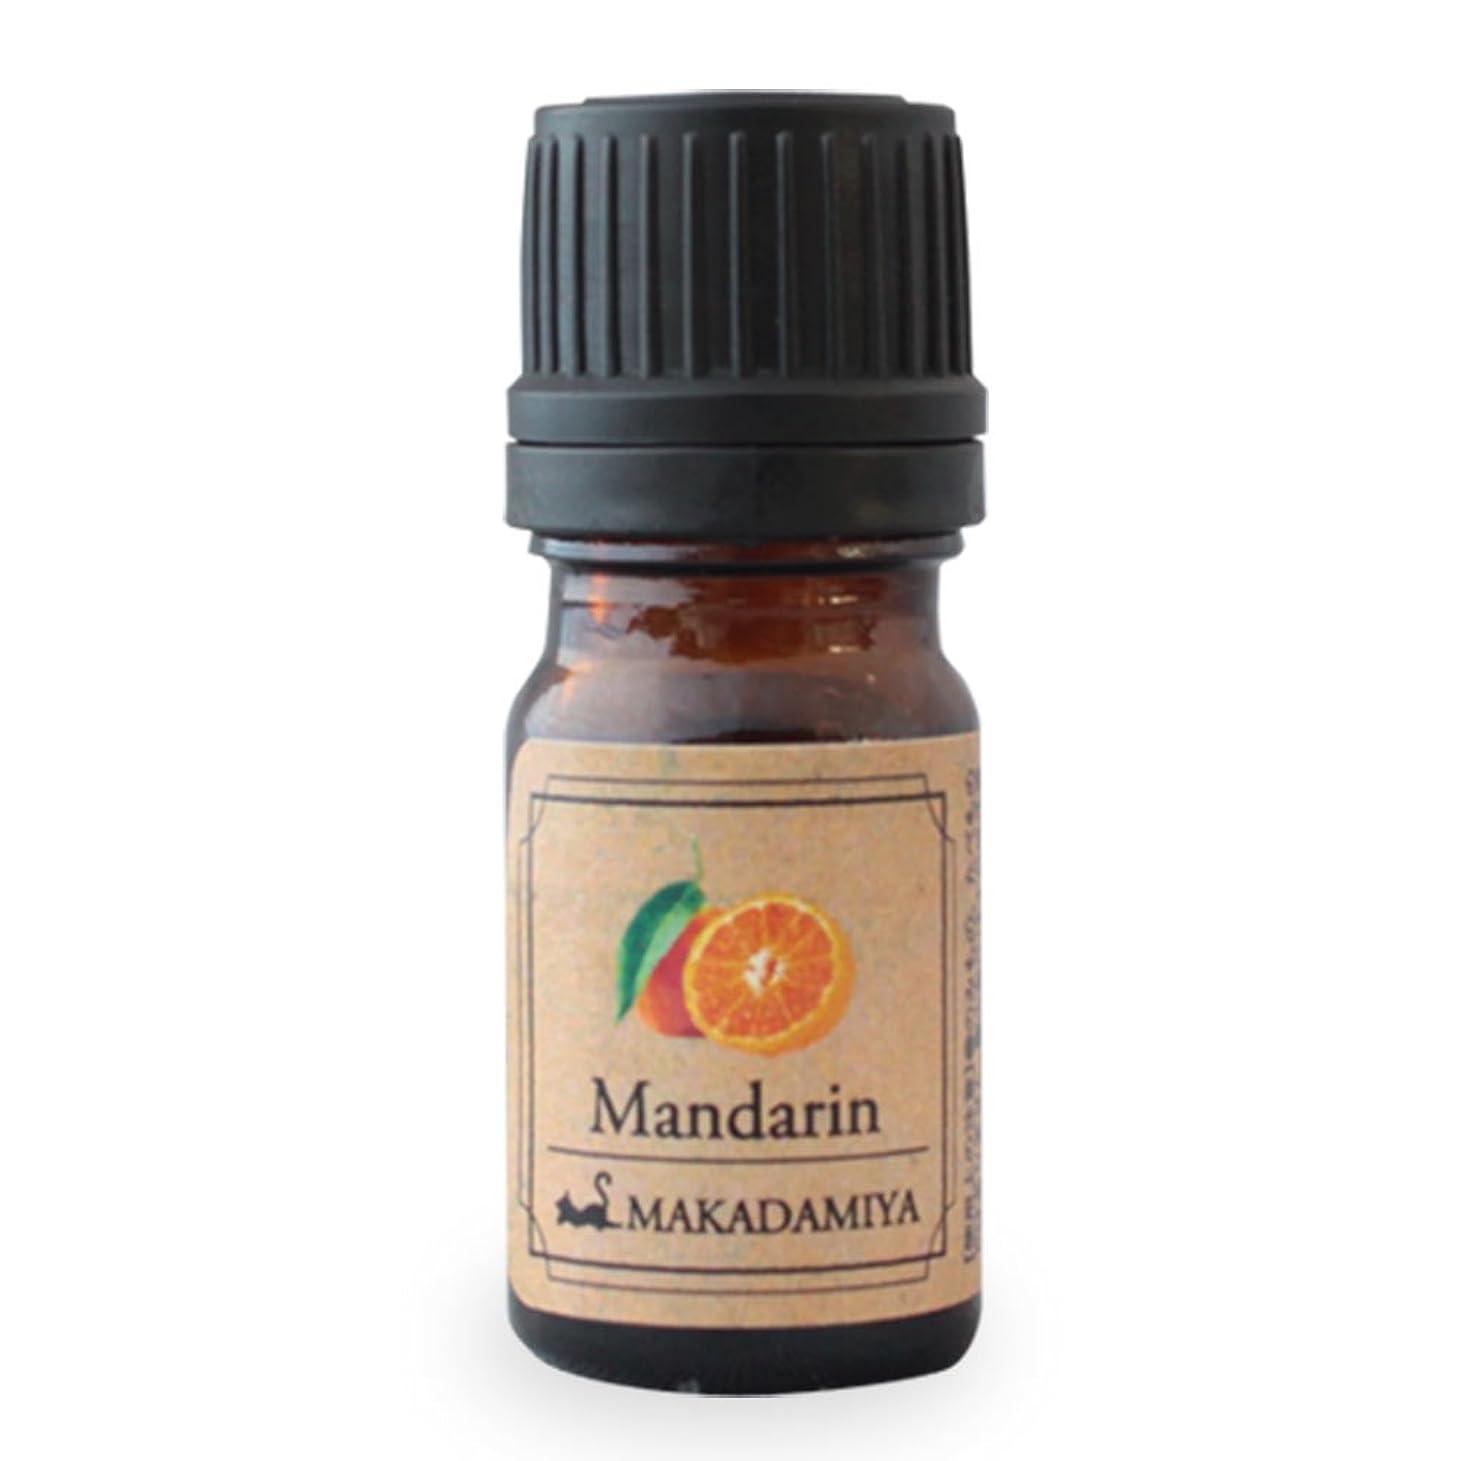 スキーワイドブルゴーニュマンダリン5ml 天然100%植物性 エッセンシャルオイル(精油) アロマオイル アロママッサージ aroma Mandarin